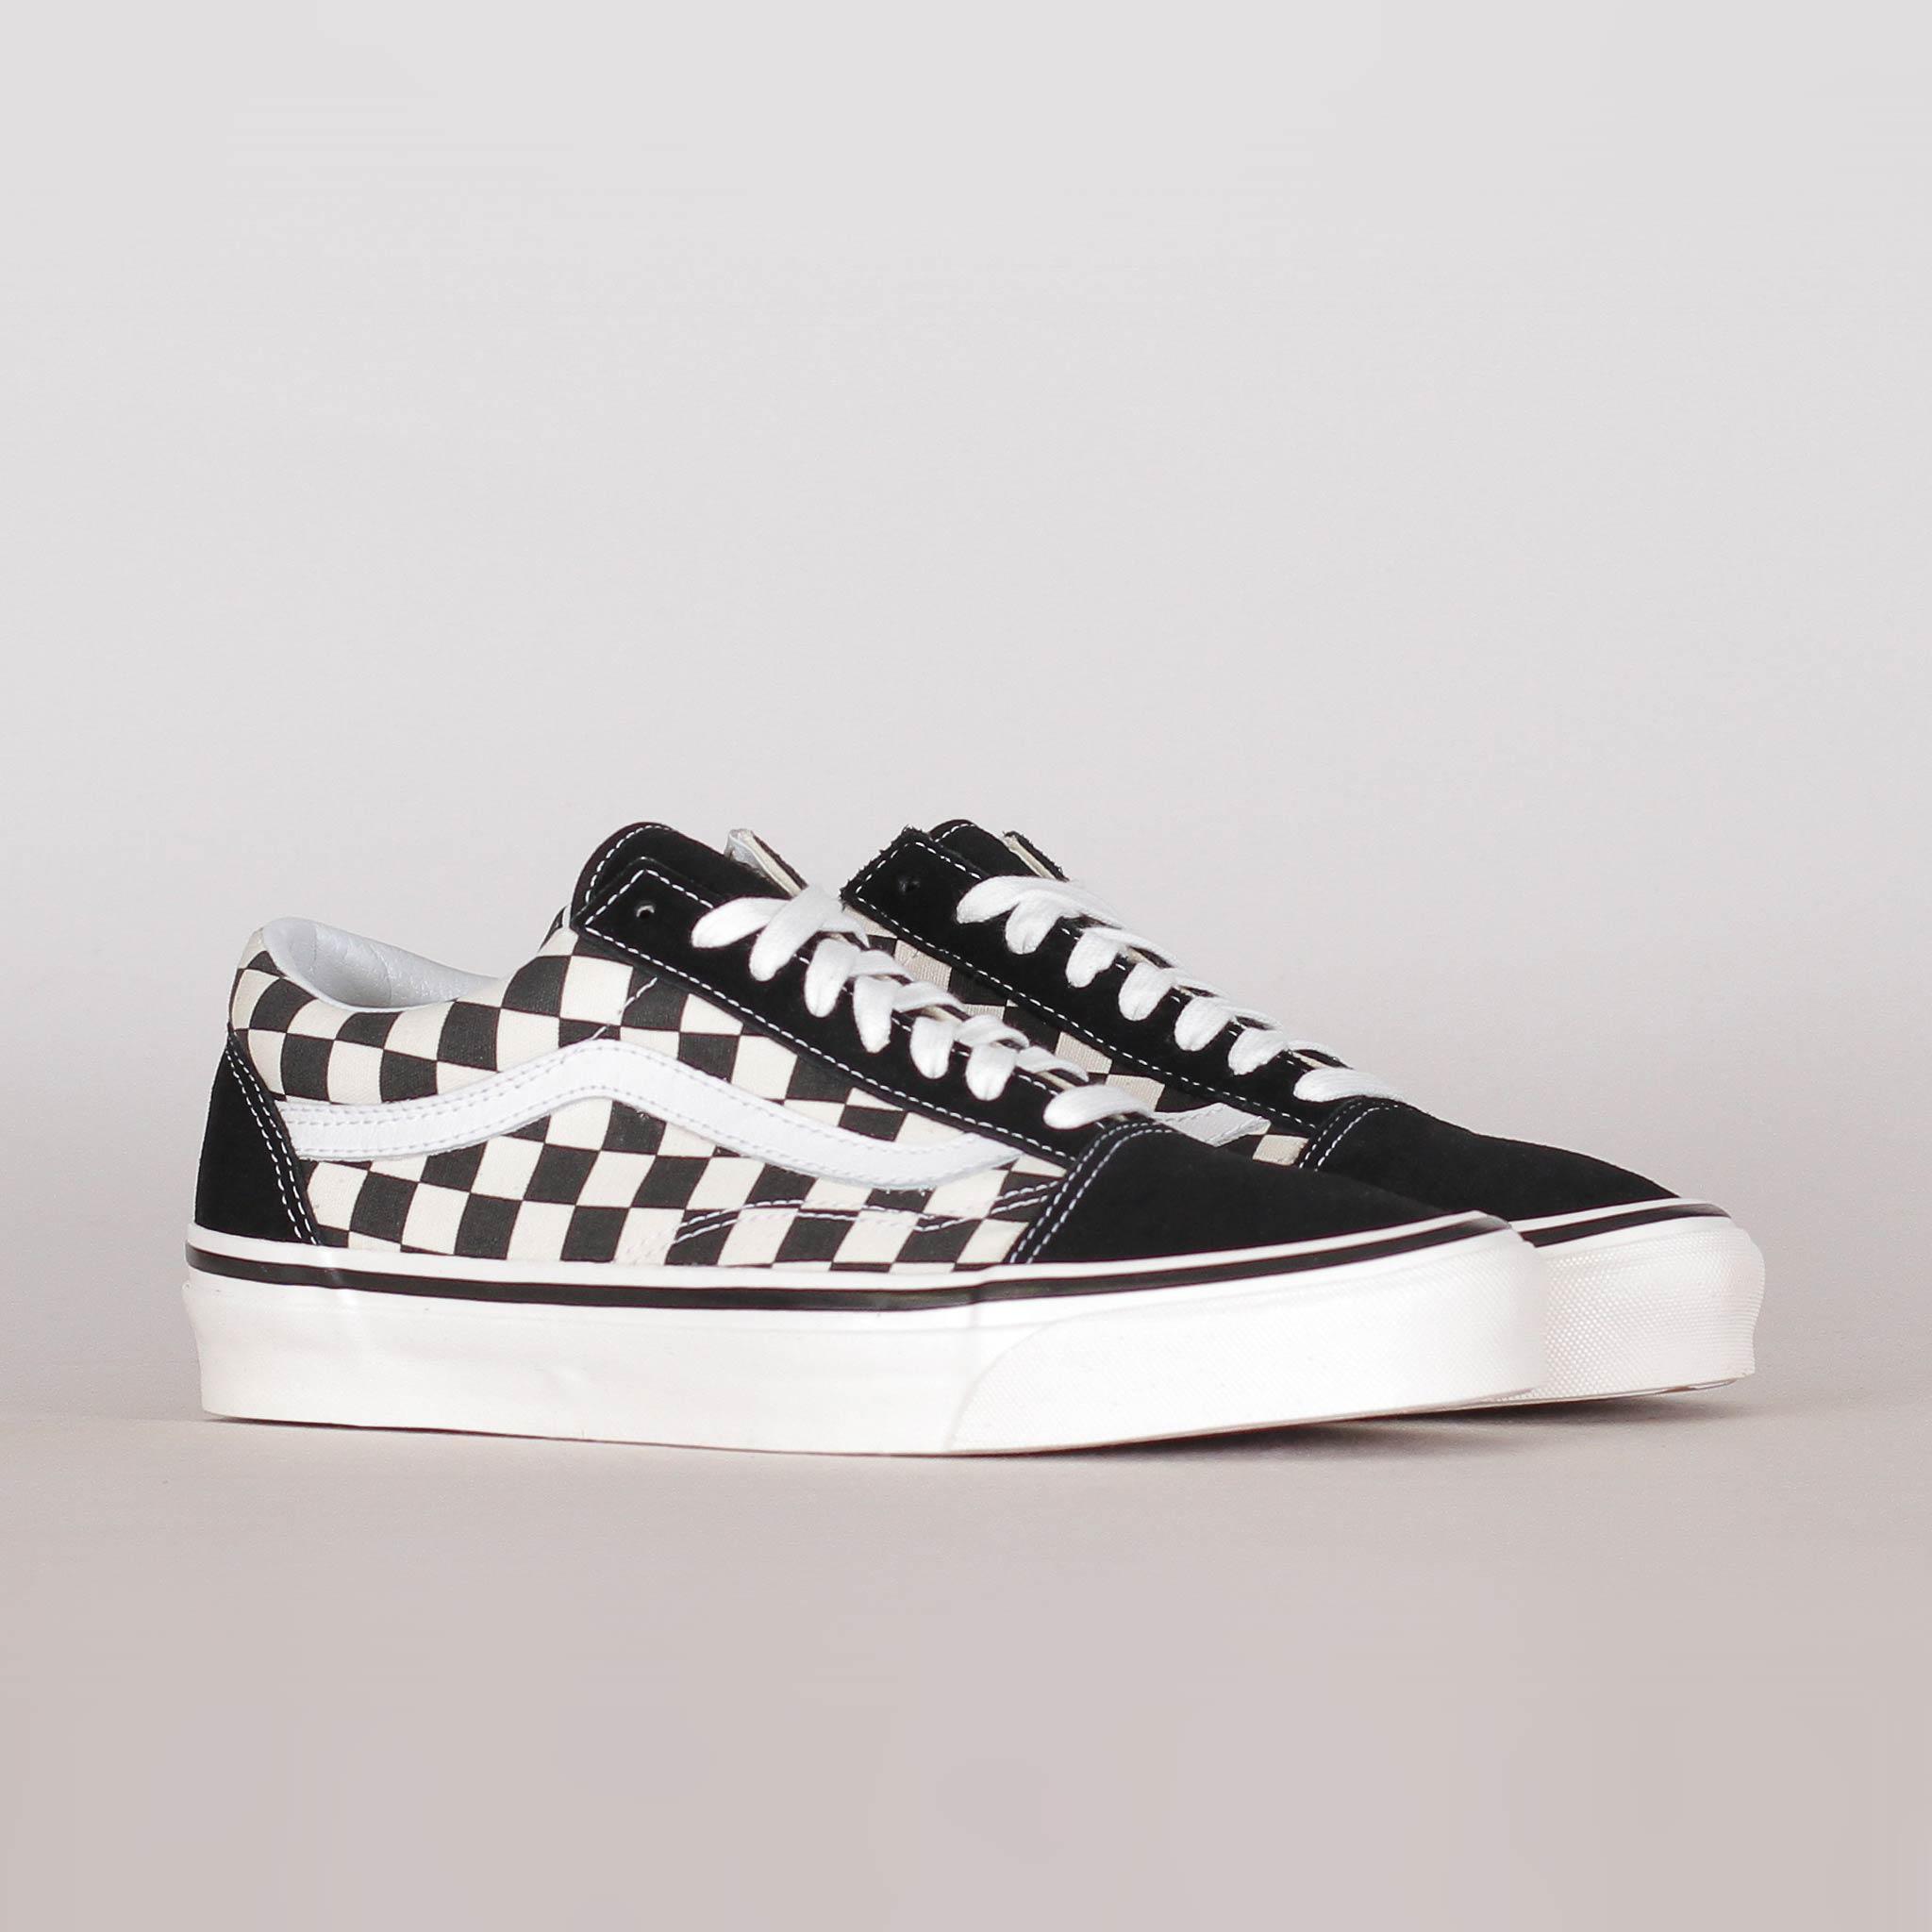 Vans Old Skool DX Black Checkerboard